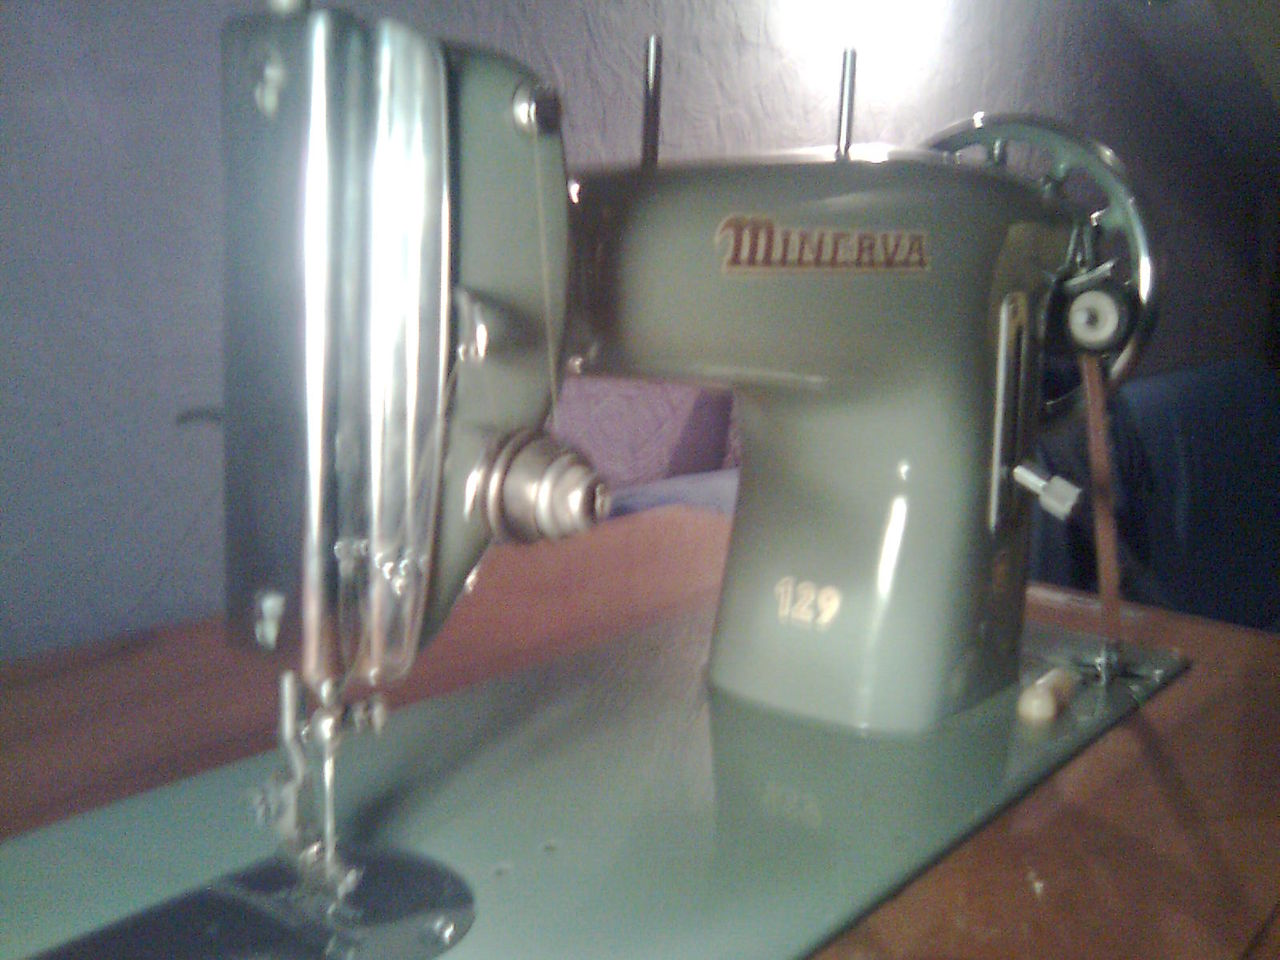 инструкция по эксплуатации швейных машин 22 и 1022 кл